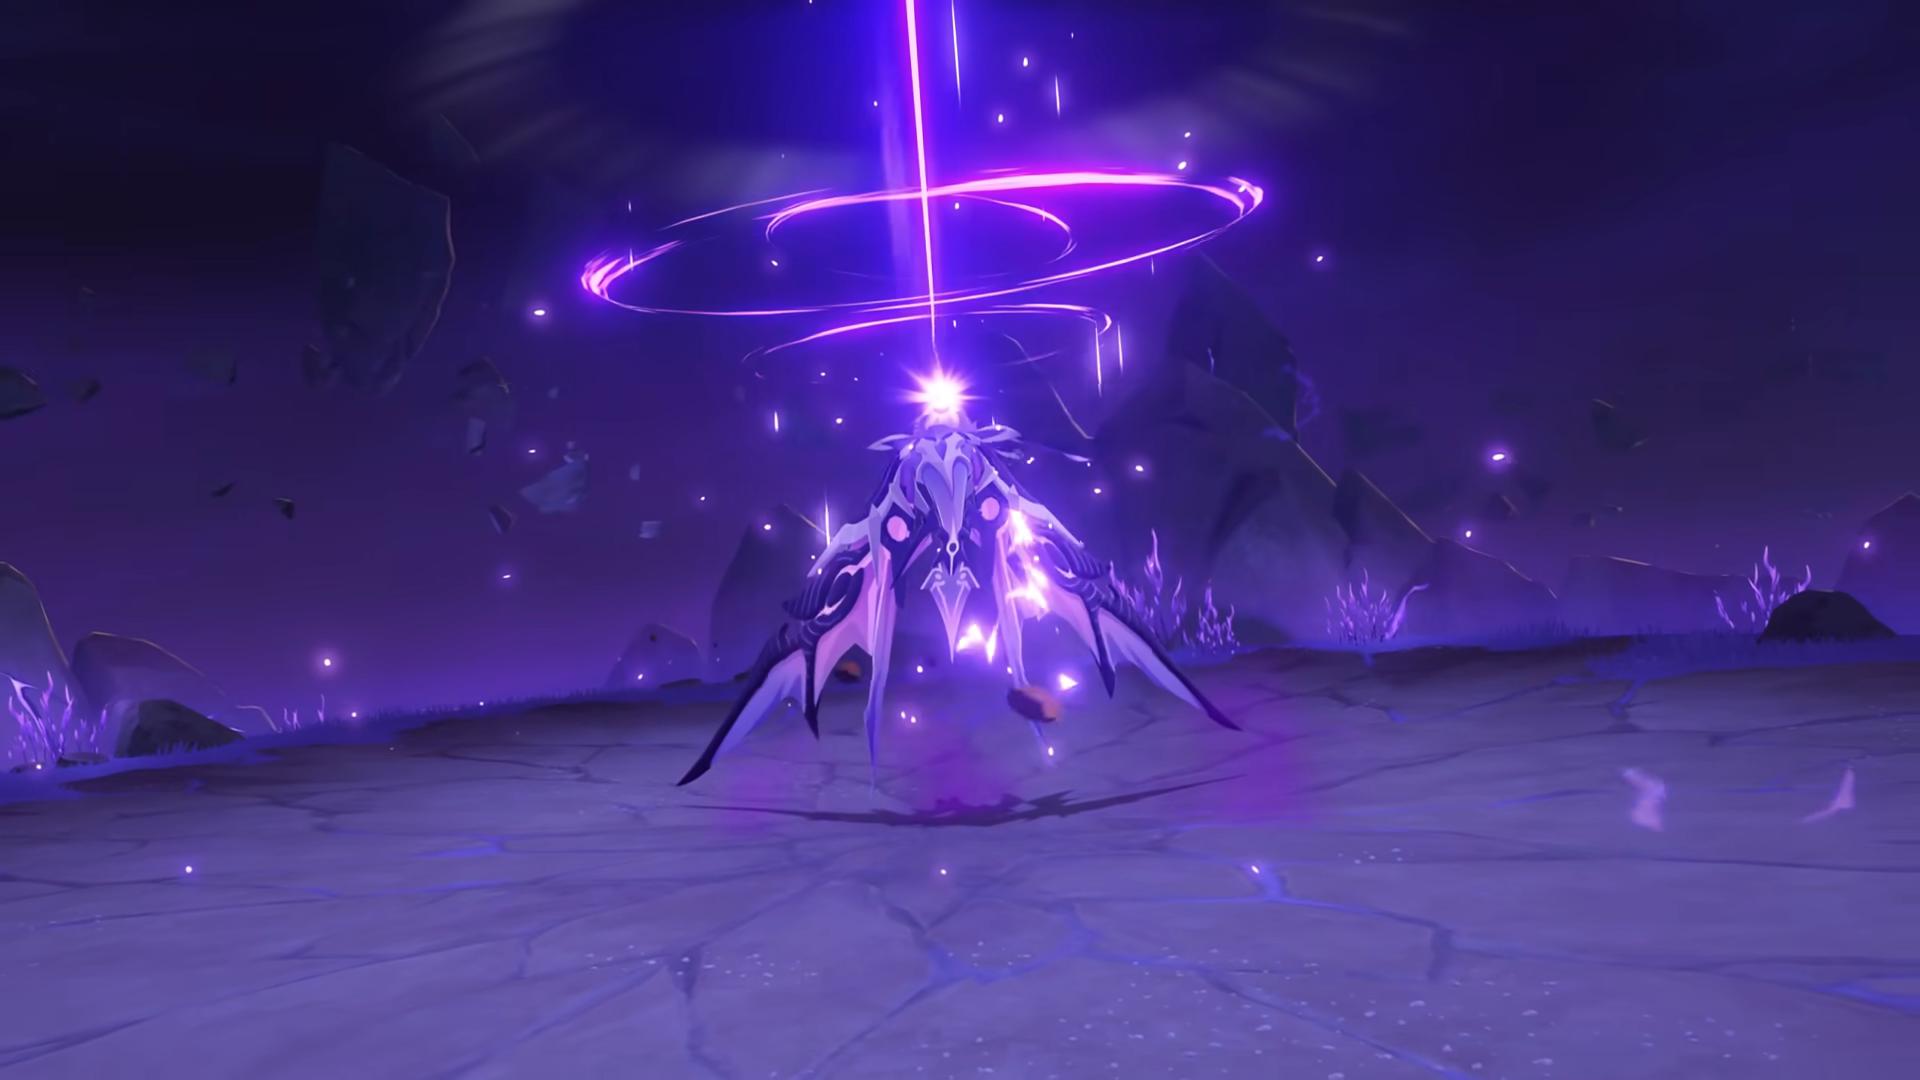 The Thunder Manifestation boss releases electro energy